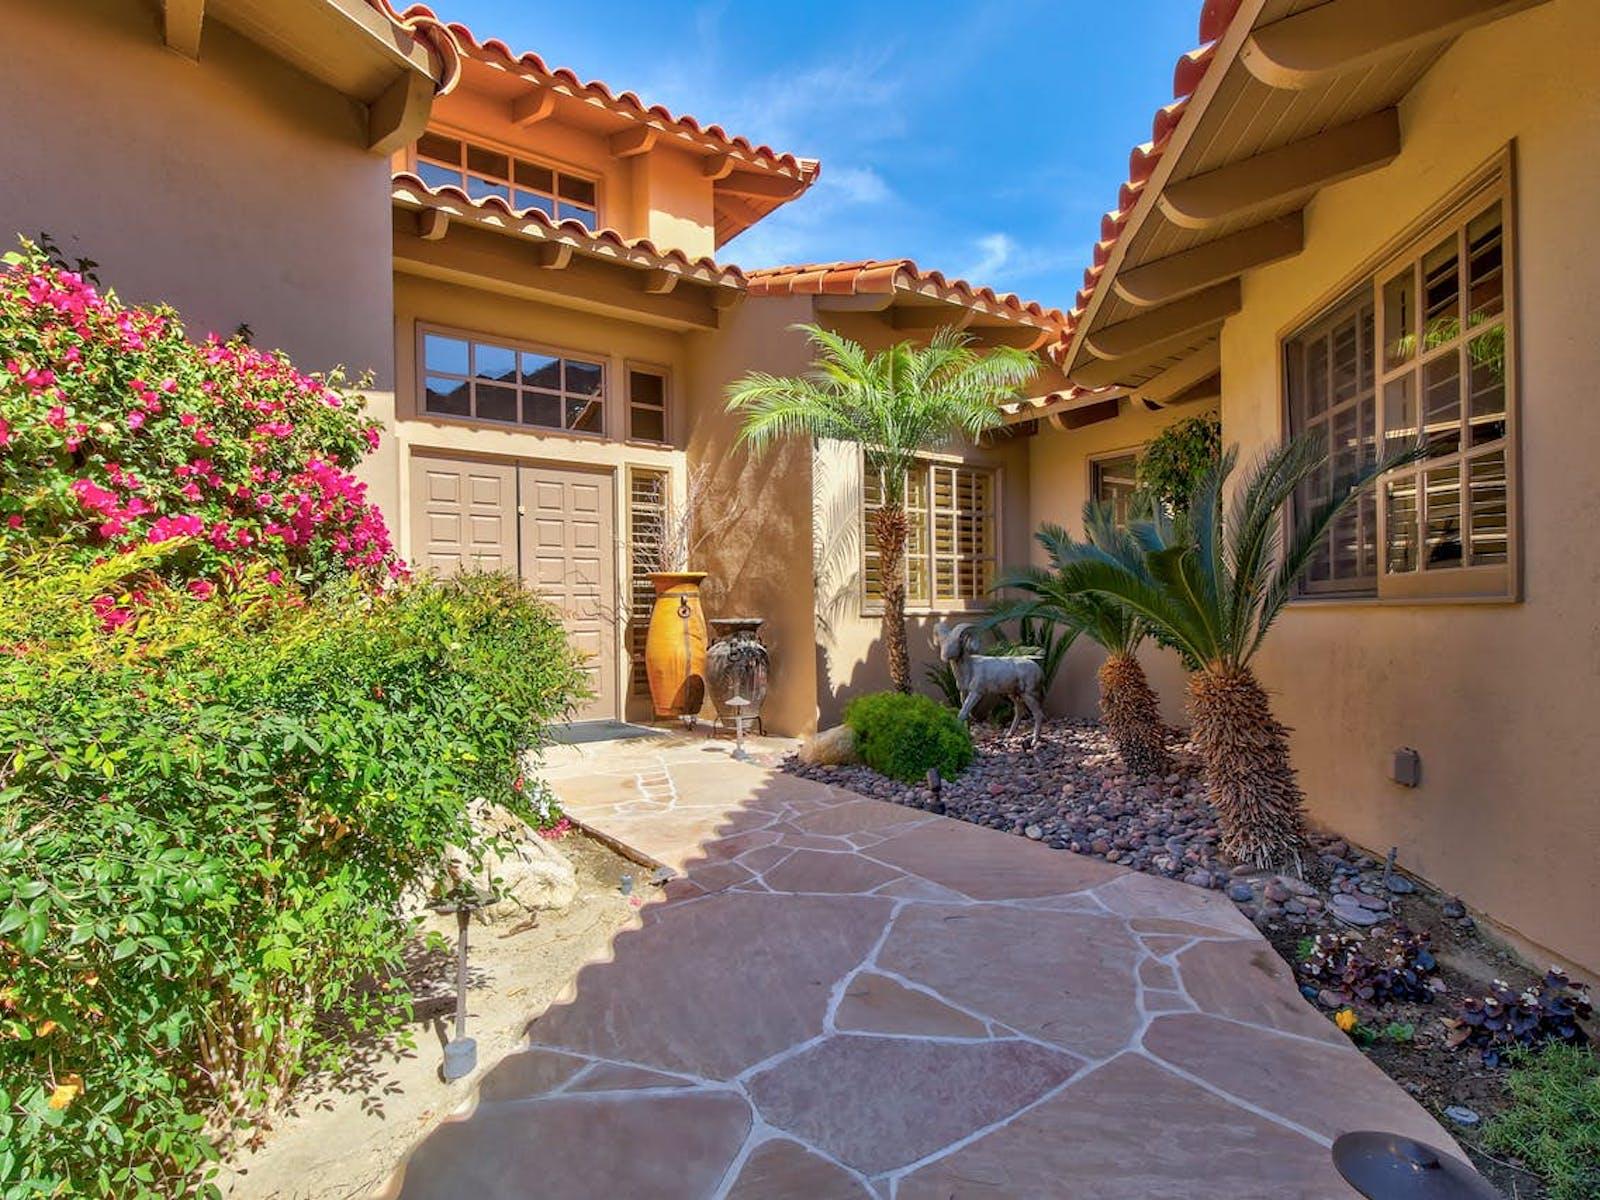 Vacation rental in Coachella Valley, CA